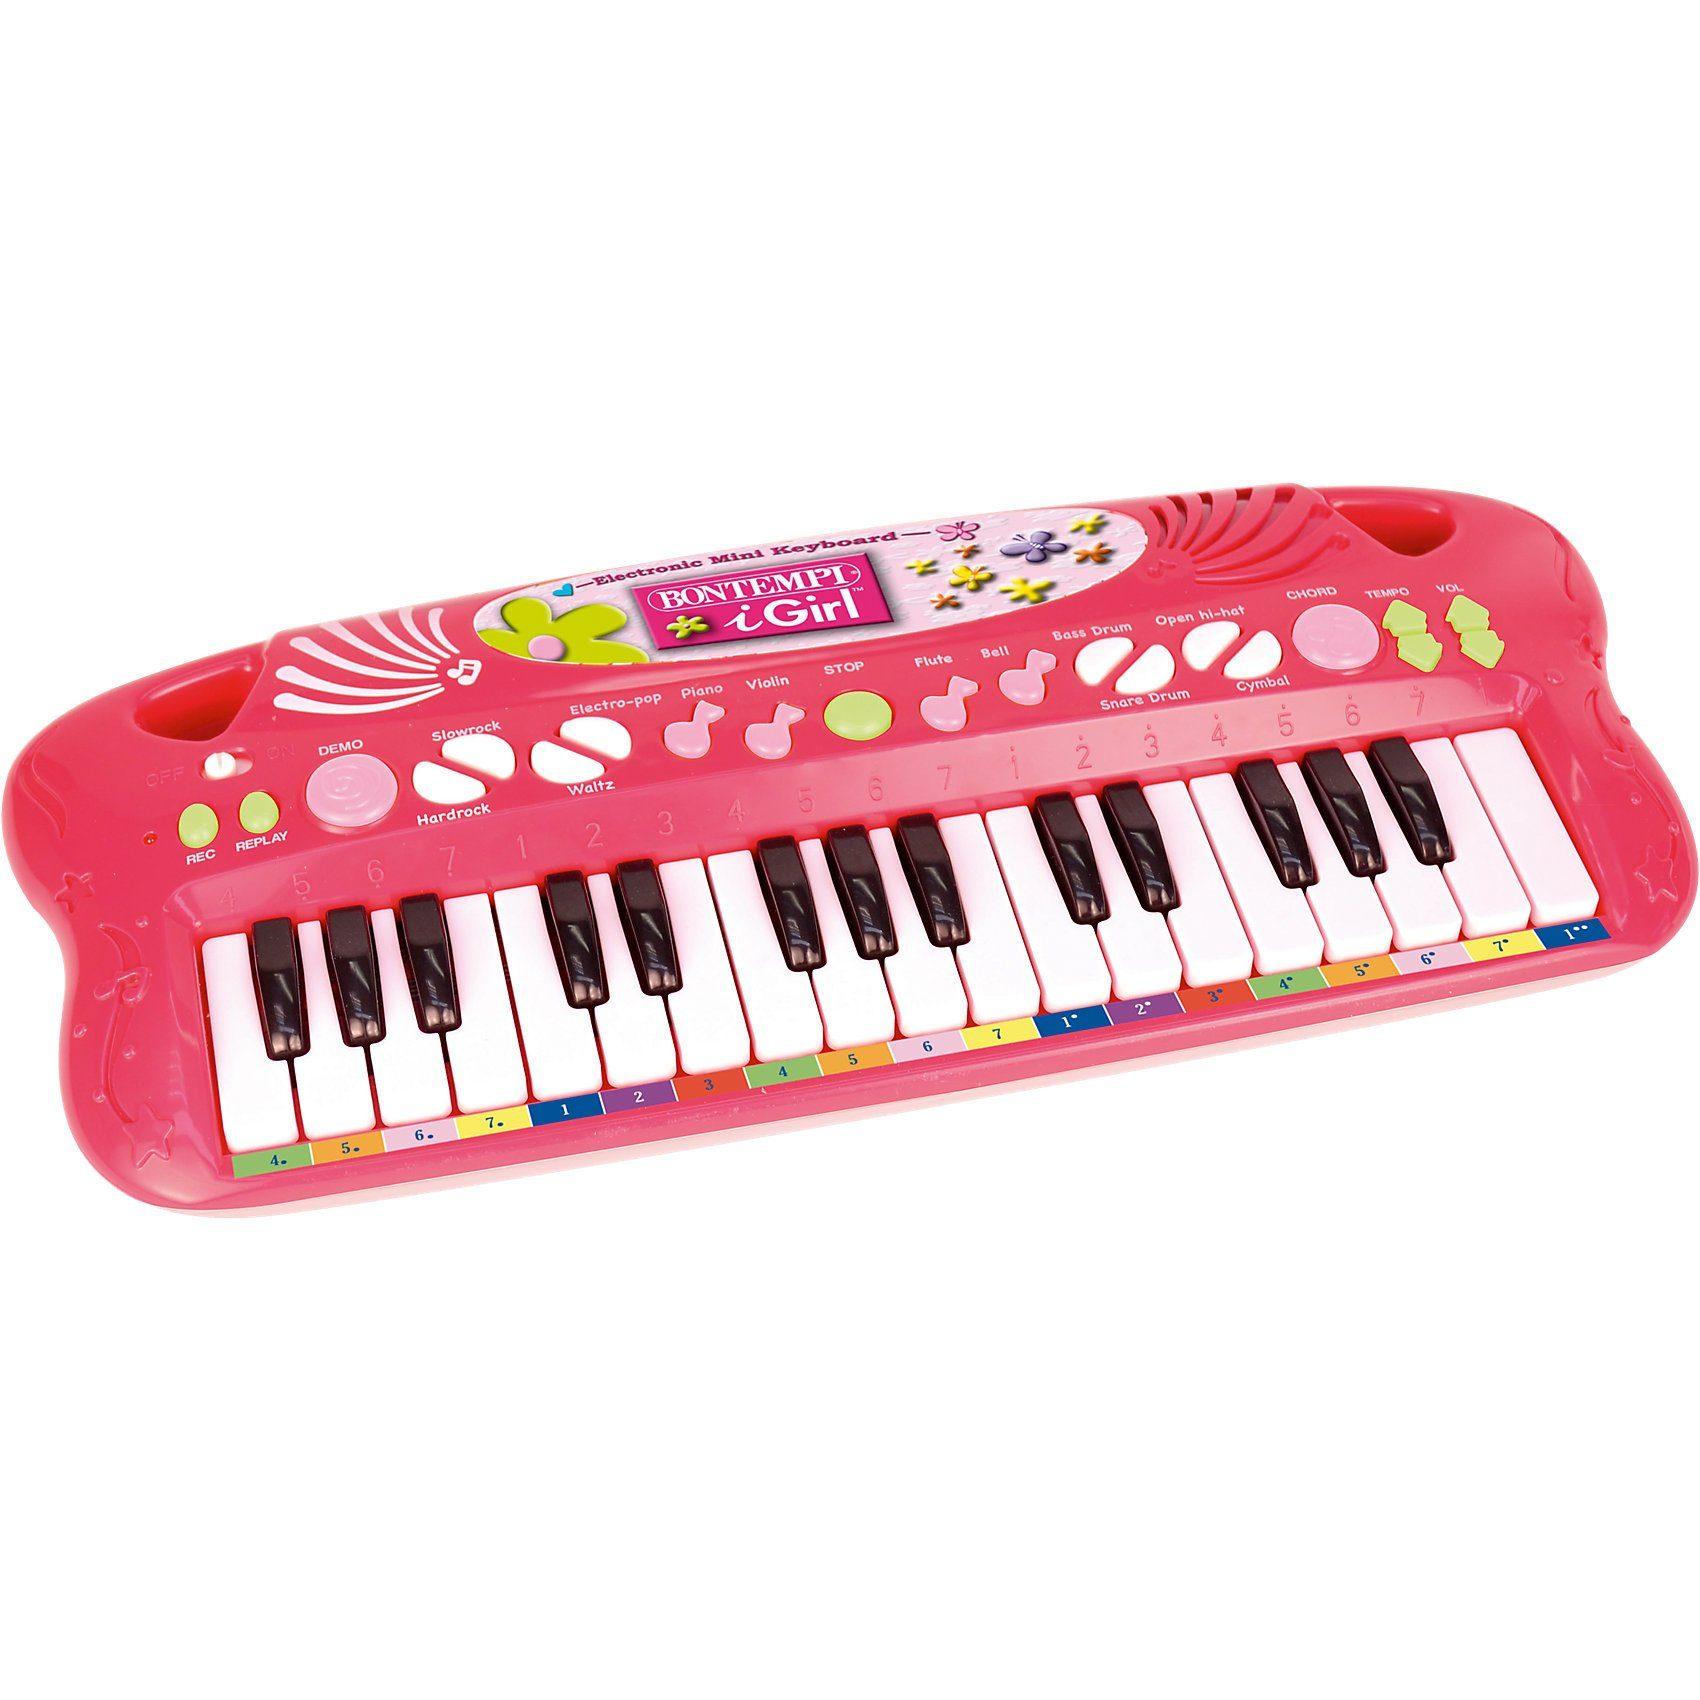 Bontempi Elektronik- Keyboard mit 32 Tasten, pink